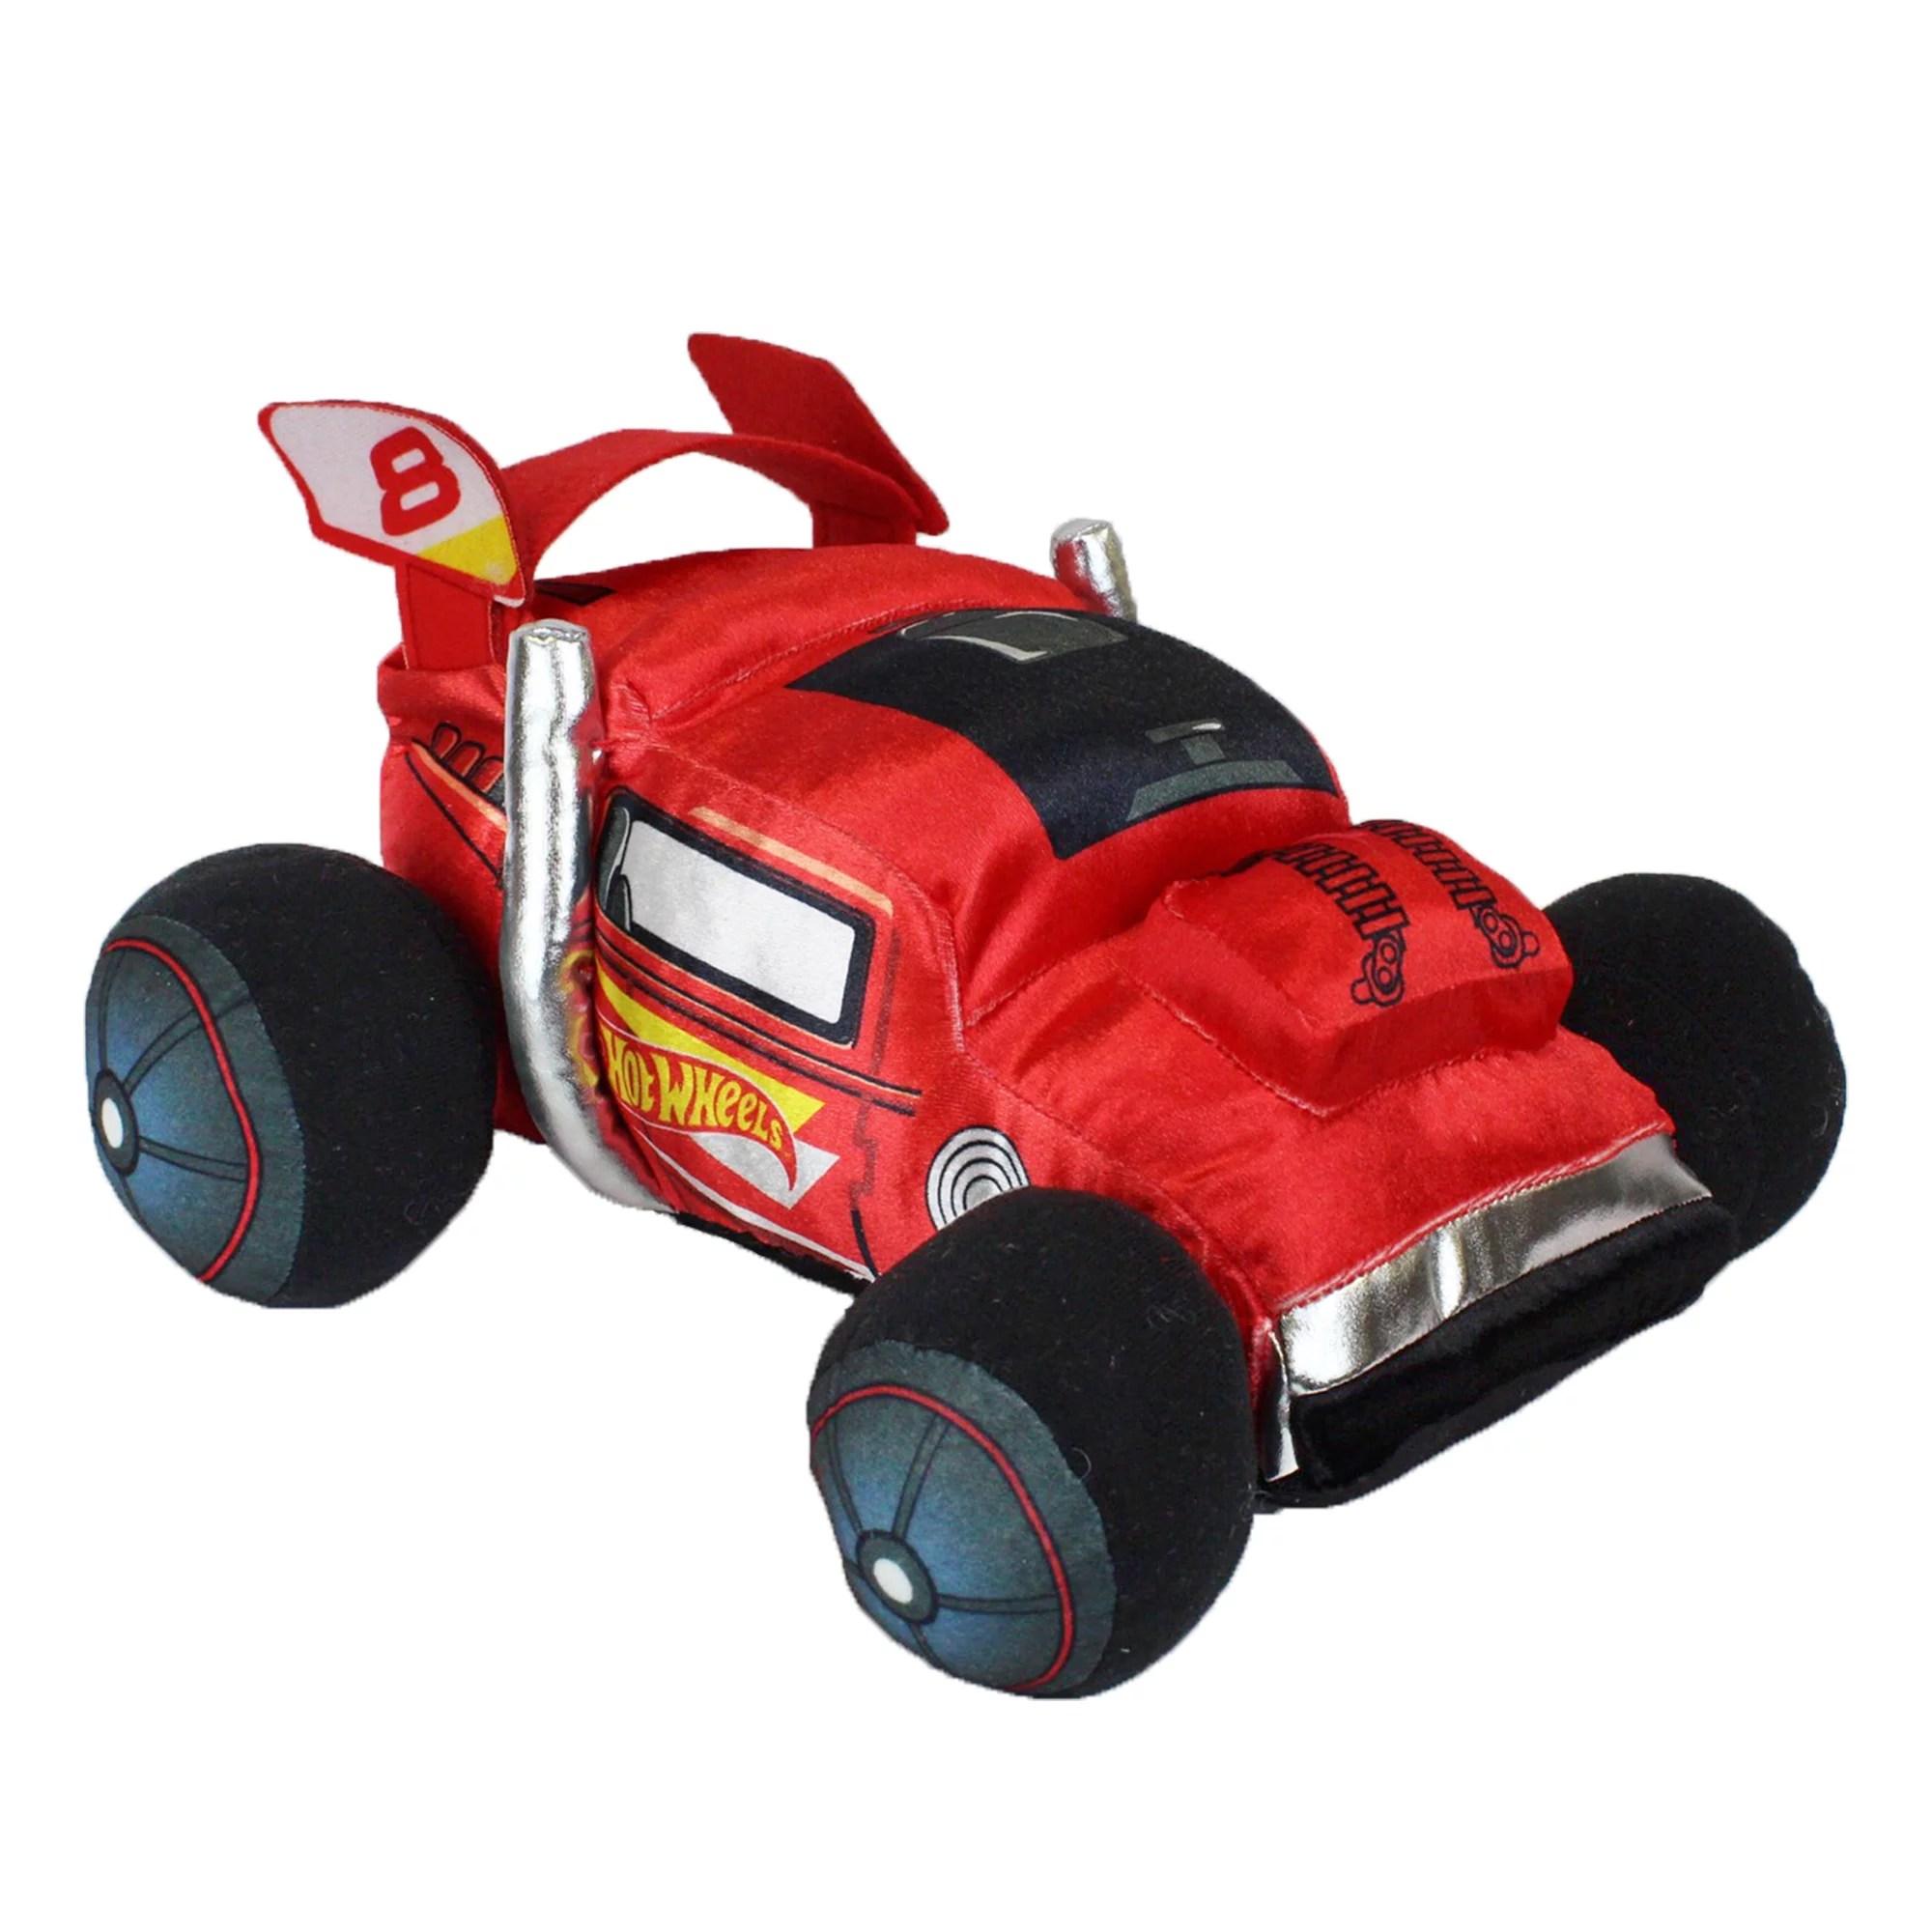 hot wheels plush pillow 18 x 10 kids pillow buddy race car